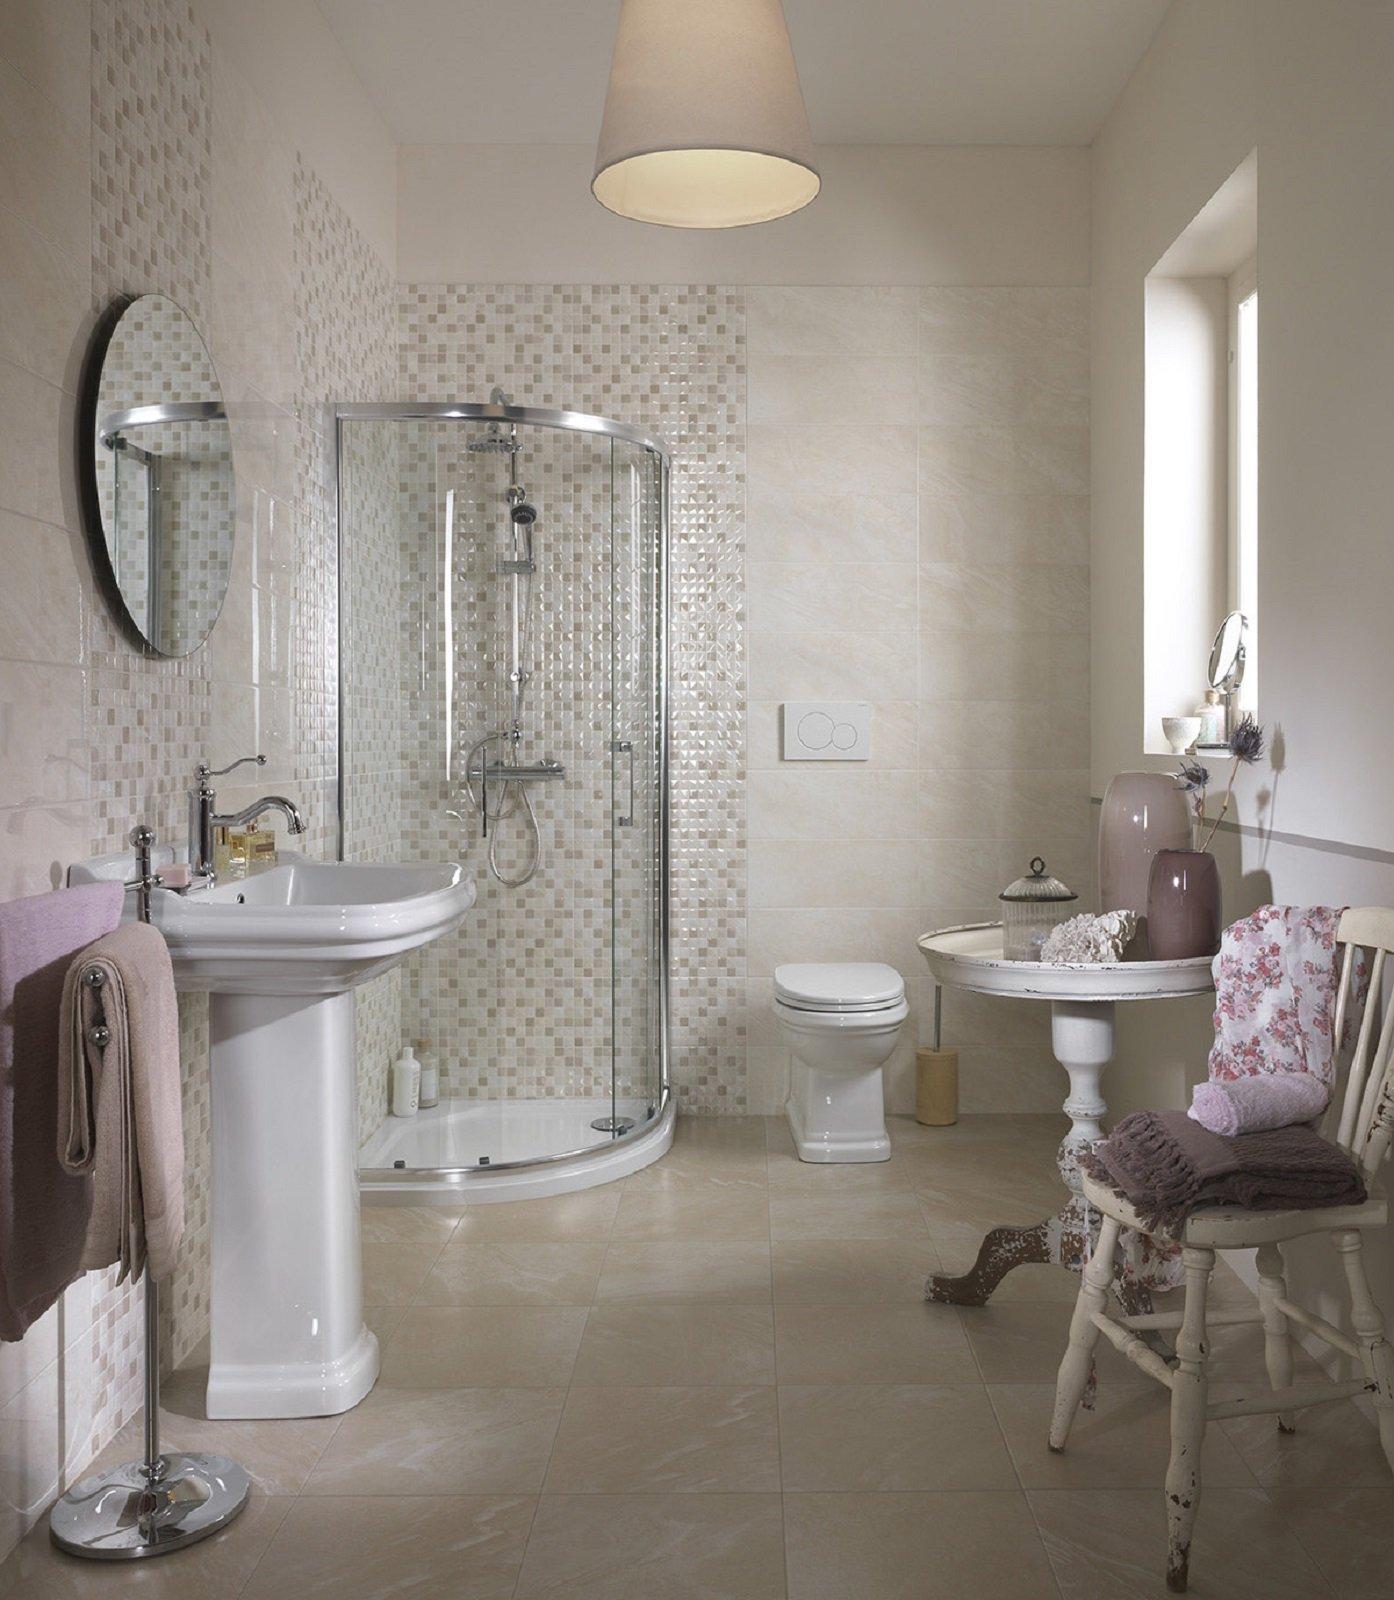 I lavabi e i sanitari per il bagno in stile classico e retr - Specchi da terra leroy merlin ...